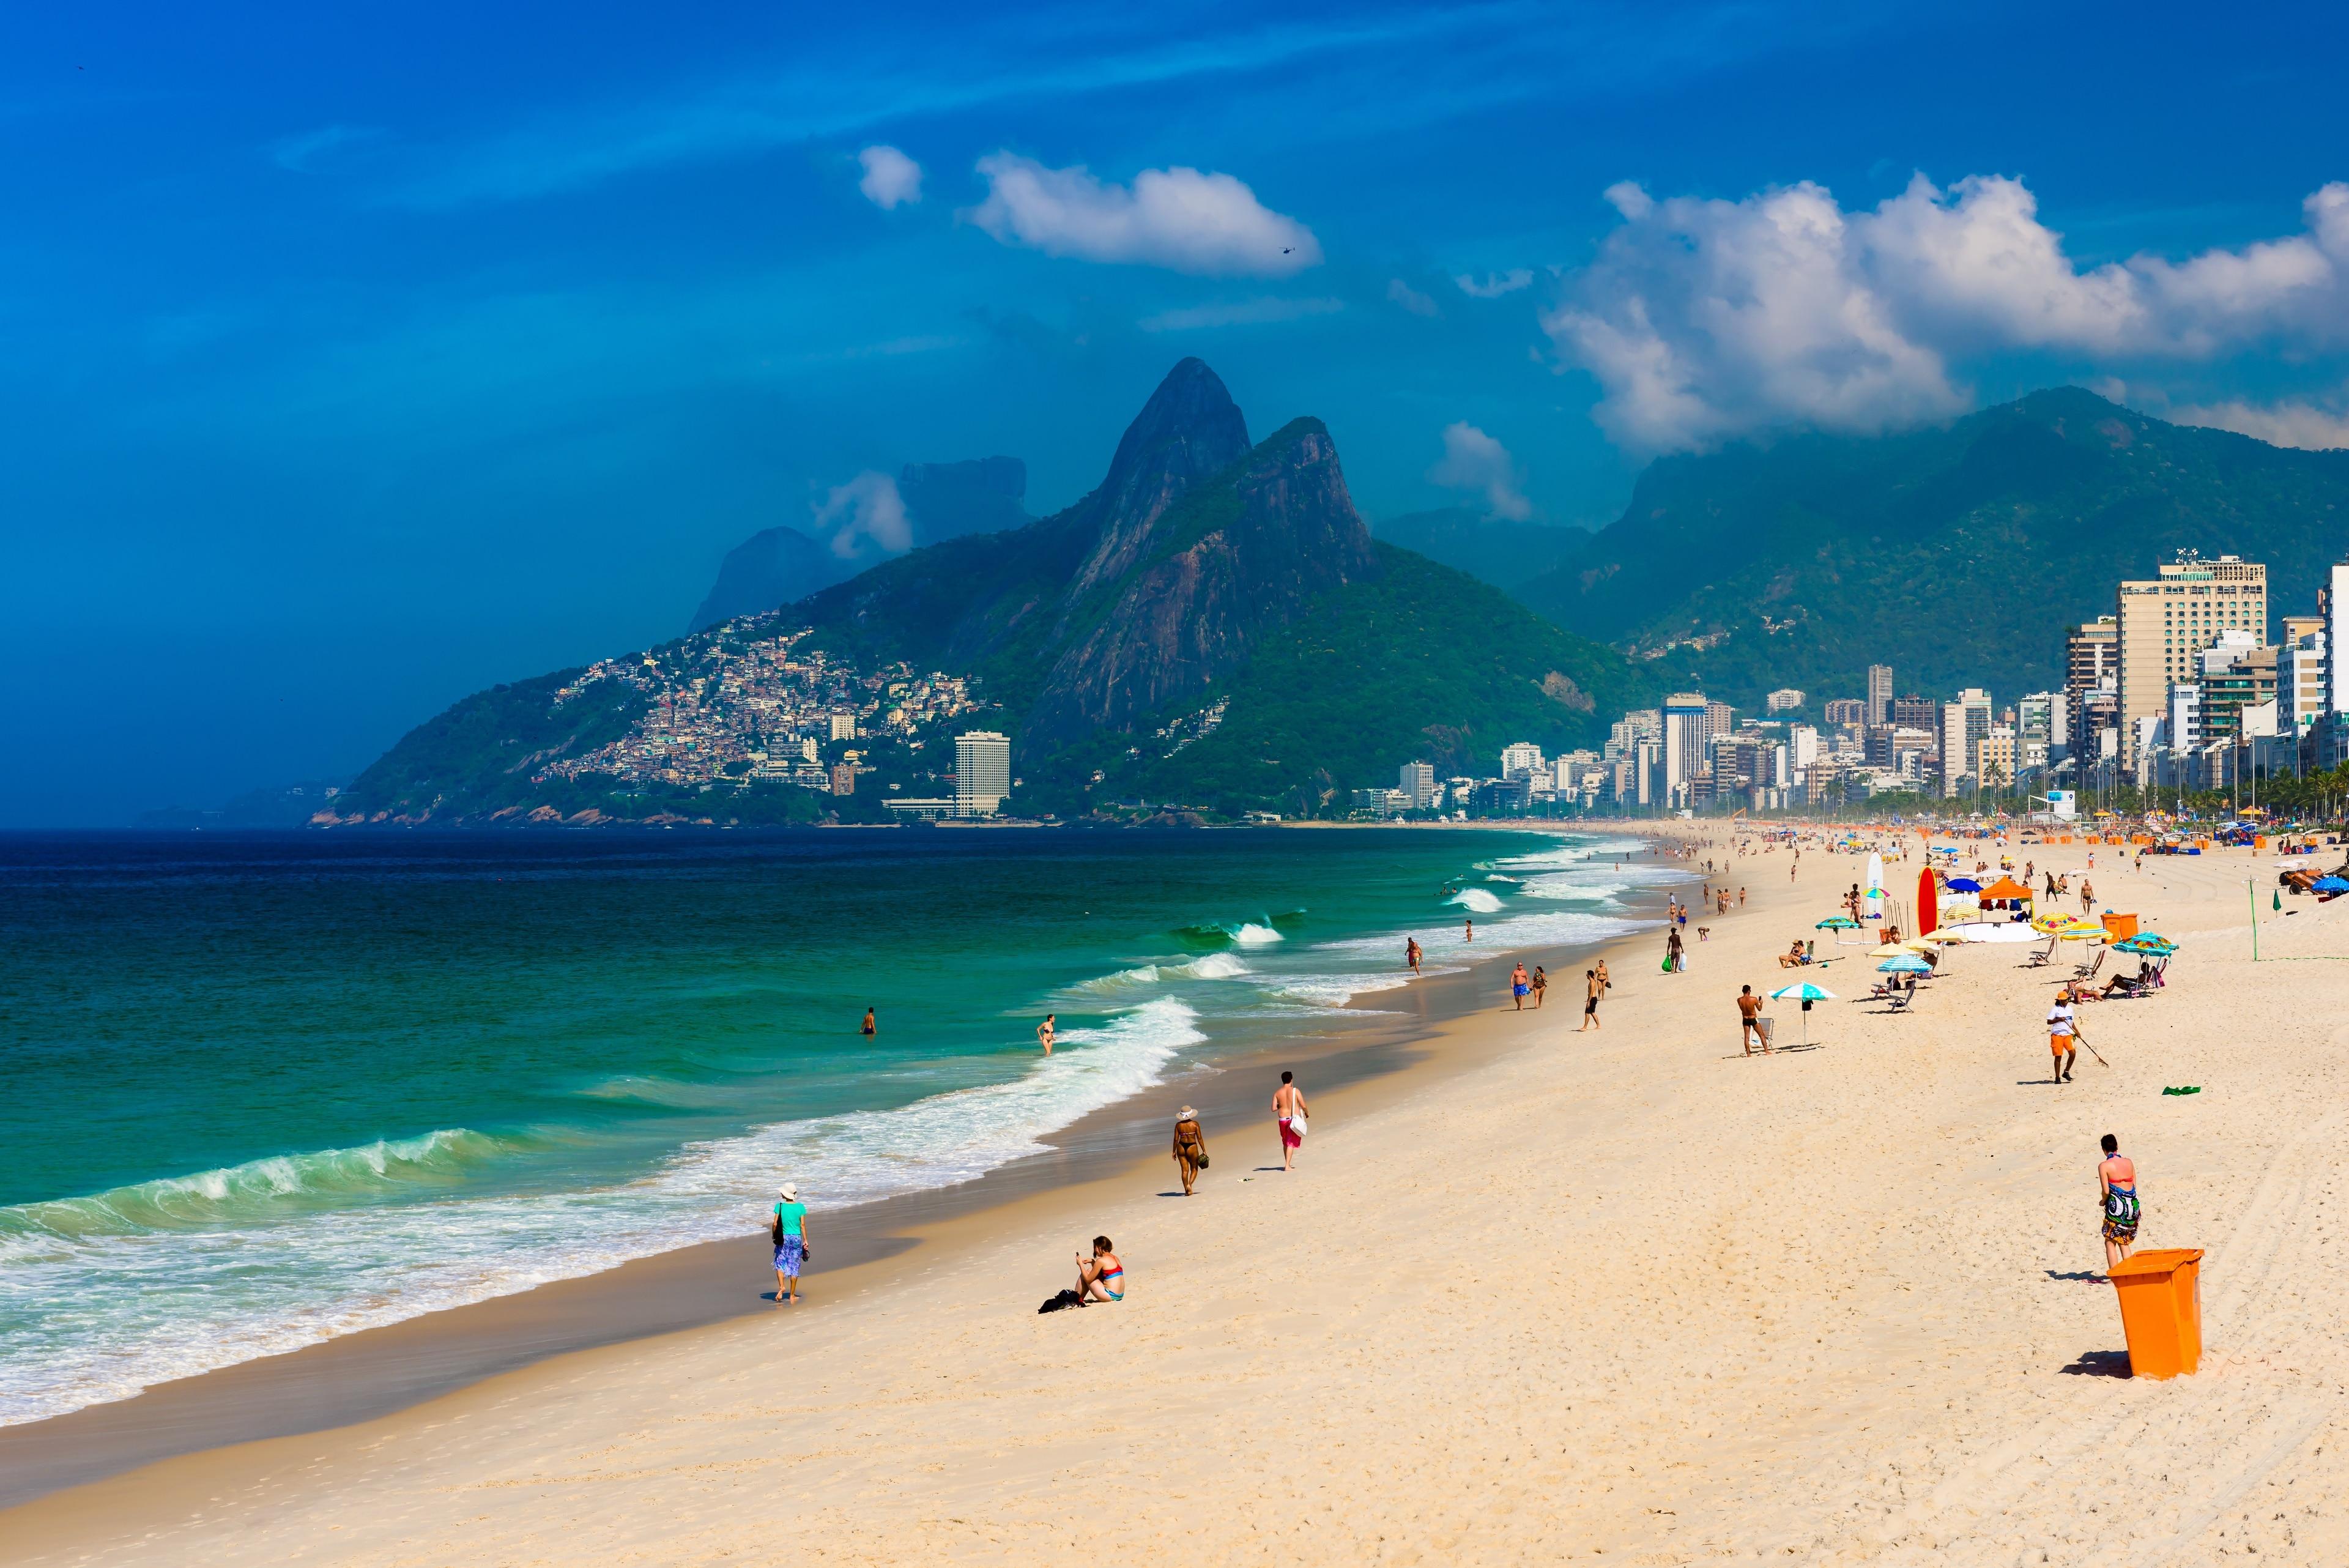 Leblon, Rio de Janeiro, Rio de Janeiro State, Brazil